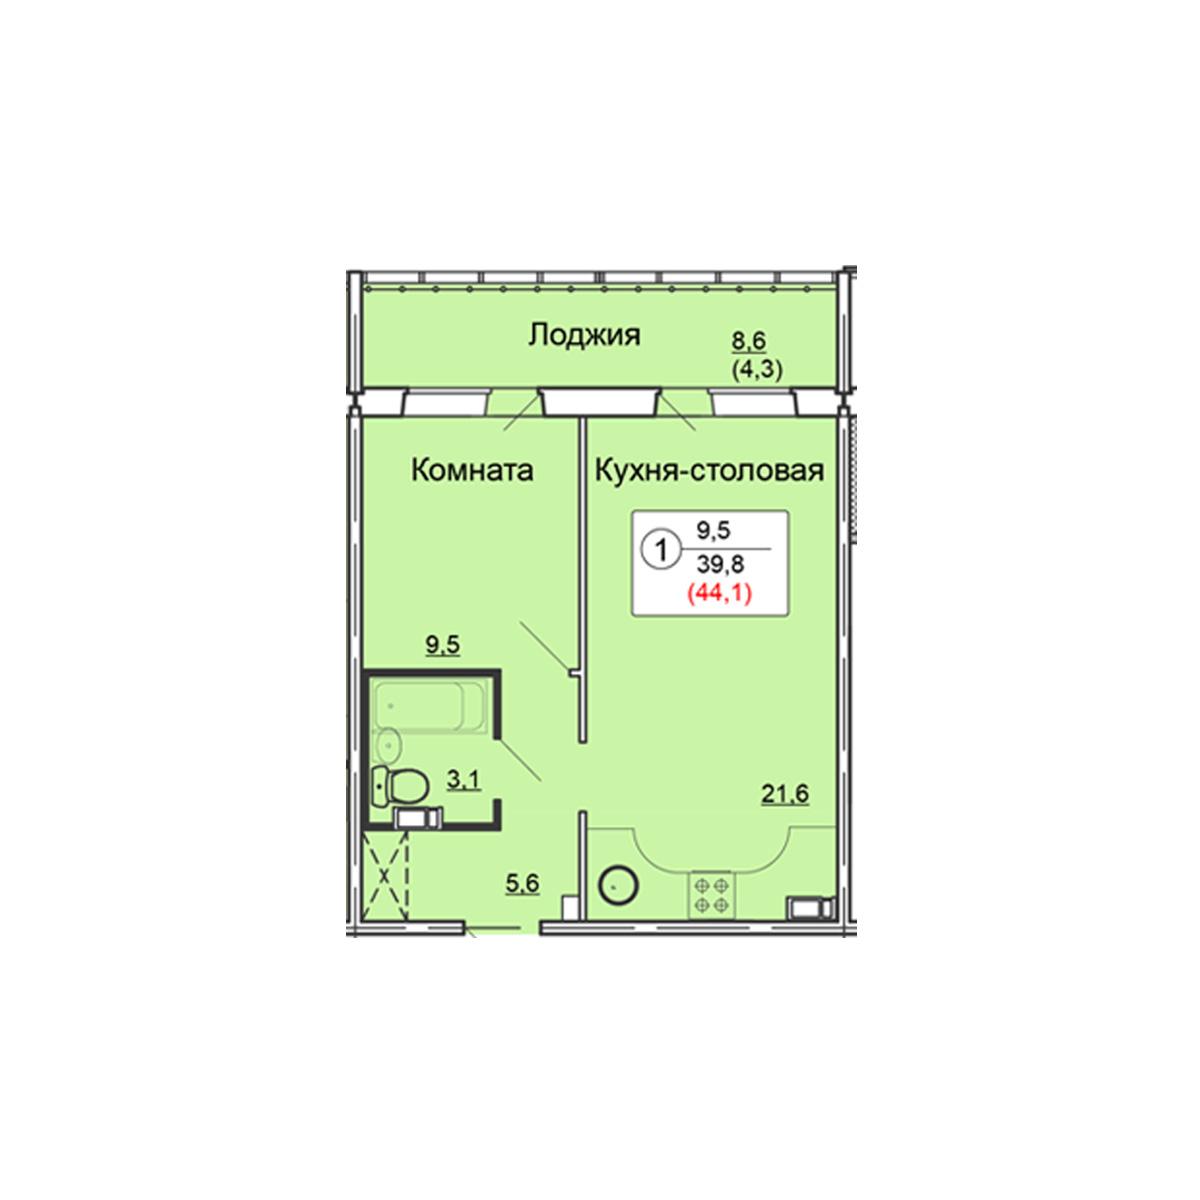 1-комнатная квартира 44.1 м<sup>2</sup>, Дом по ул. Попова, 38